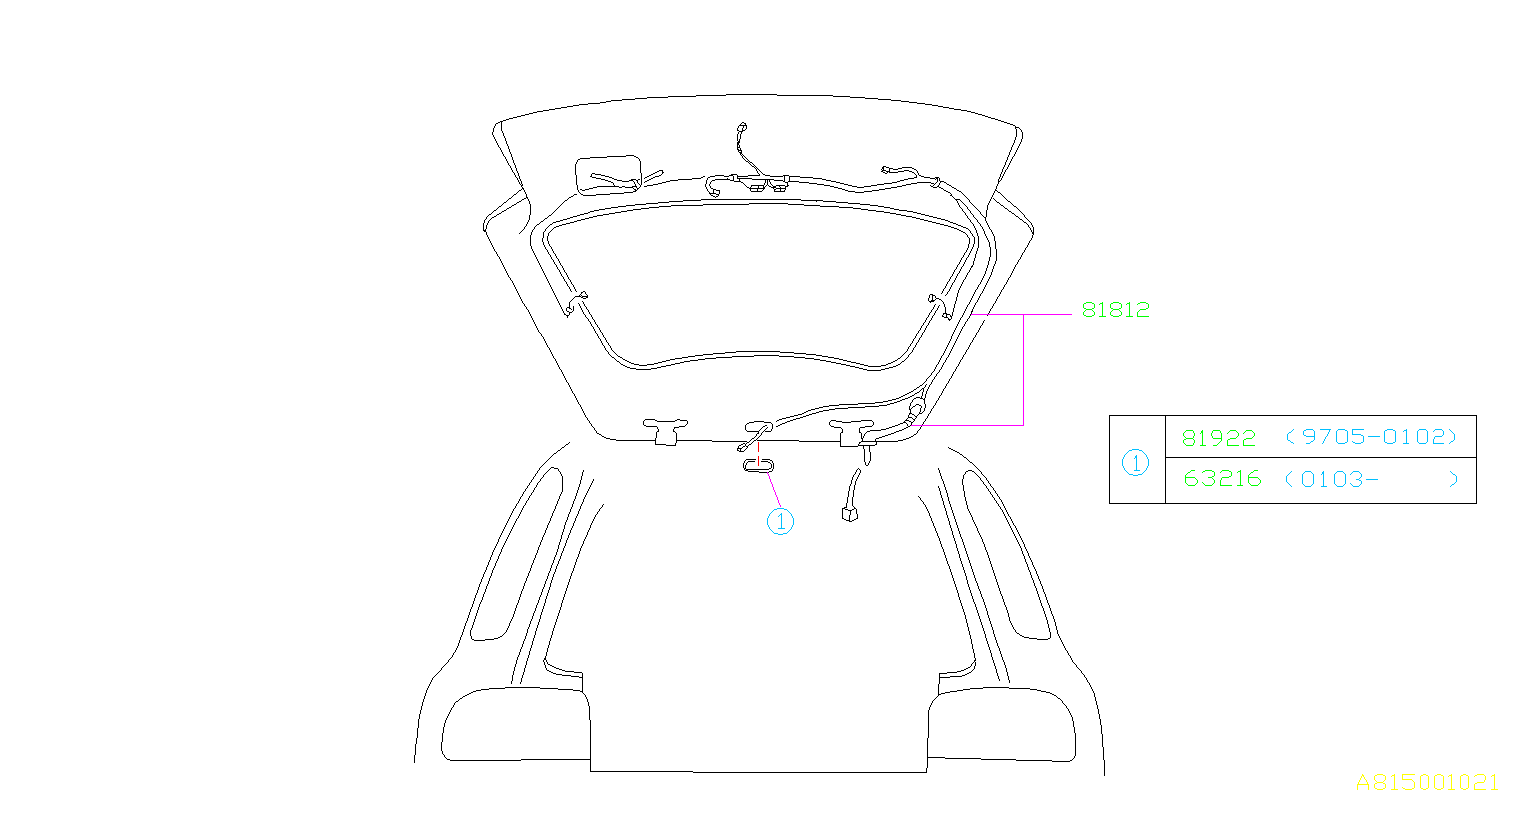 Subaru Forester Hole Plug